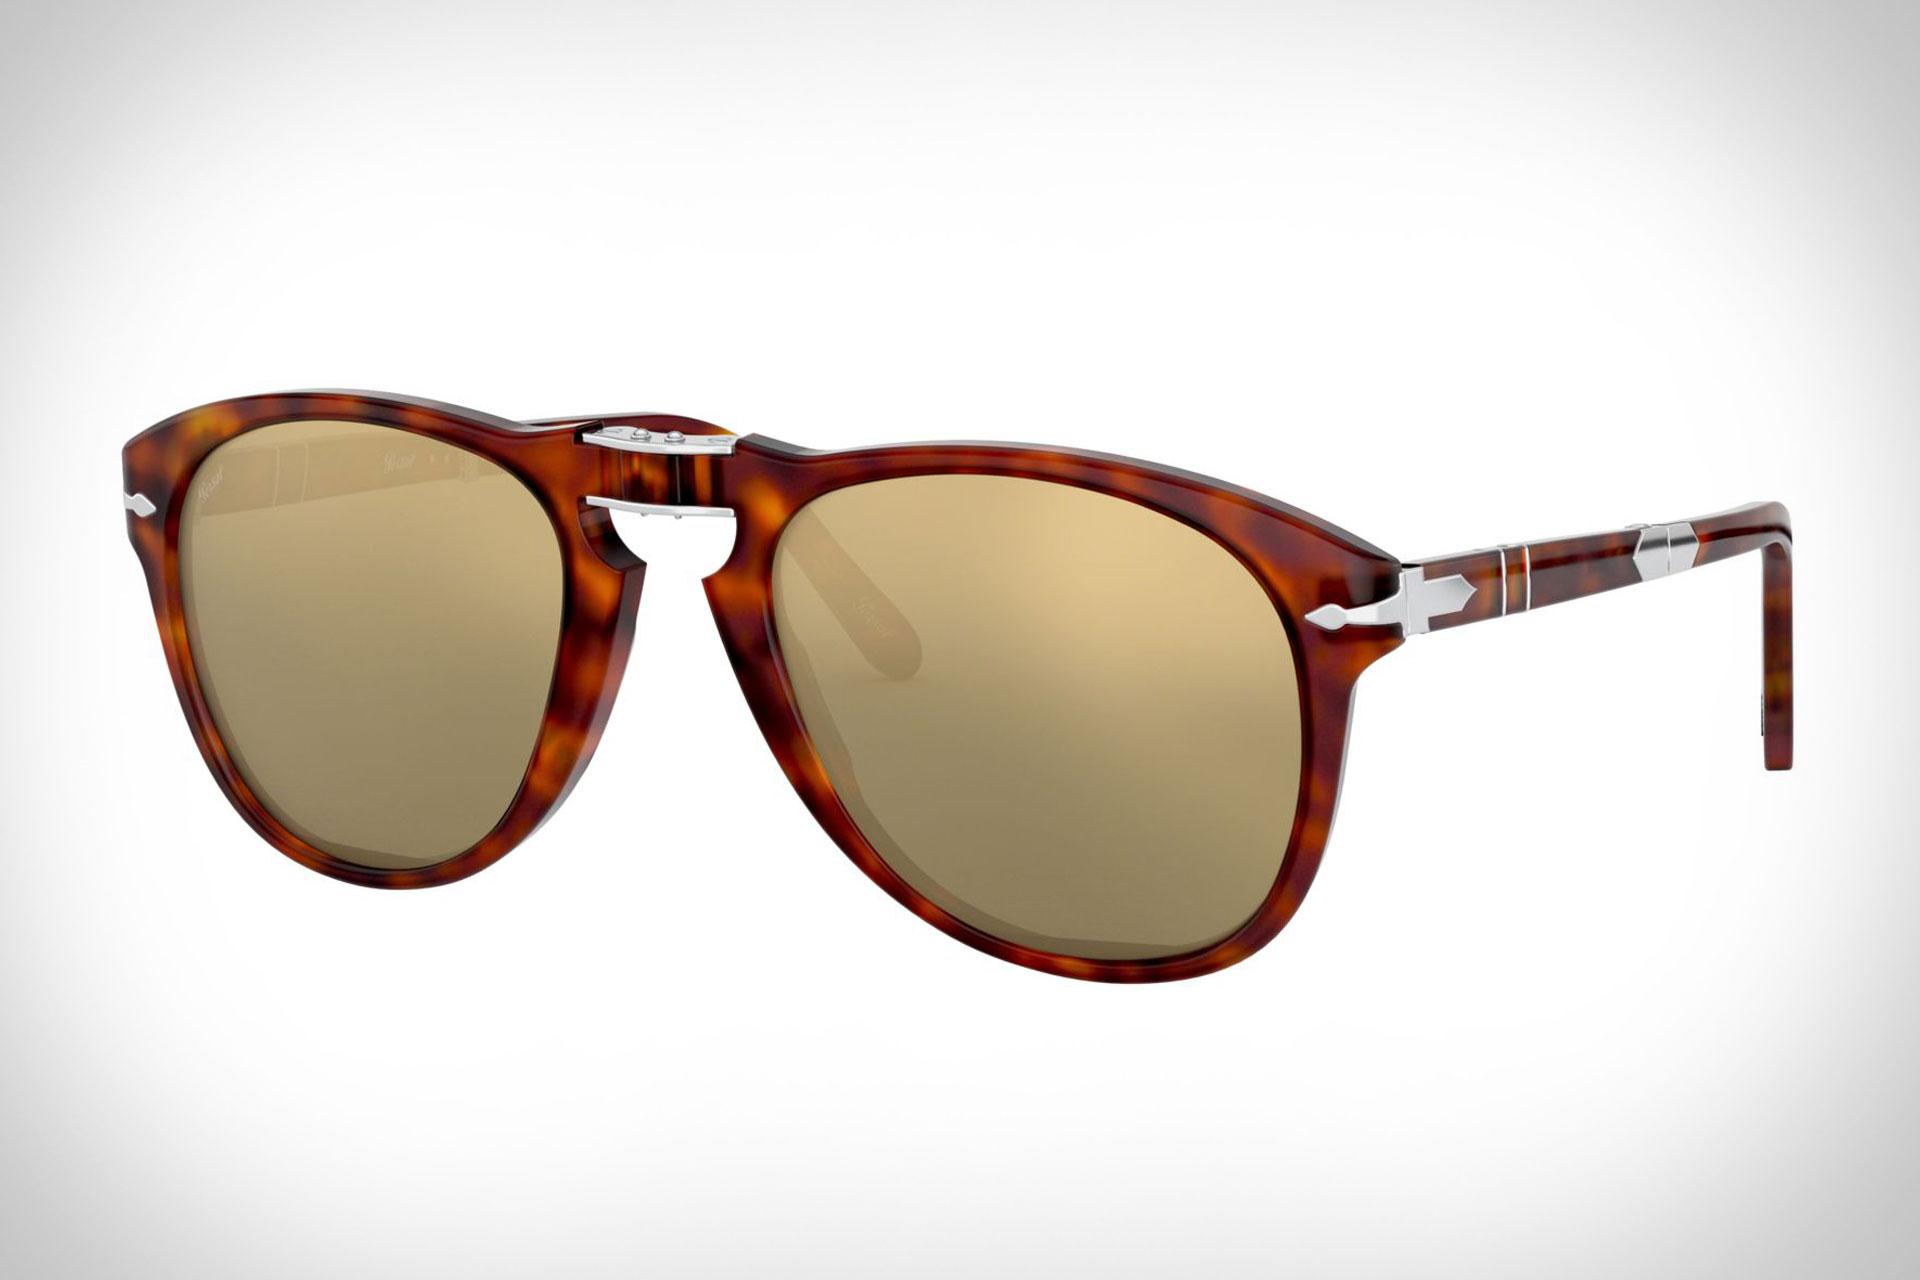 65e671a9b8f8 Persol 714SM 24K Sunglasses | Uncrate